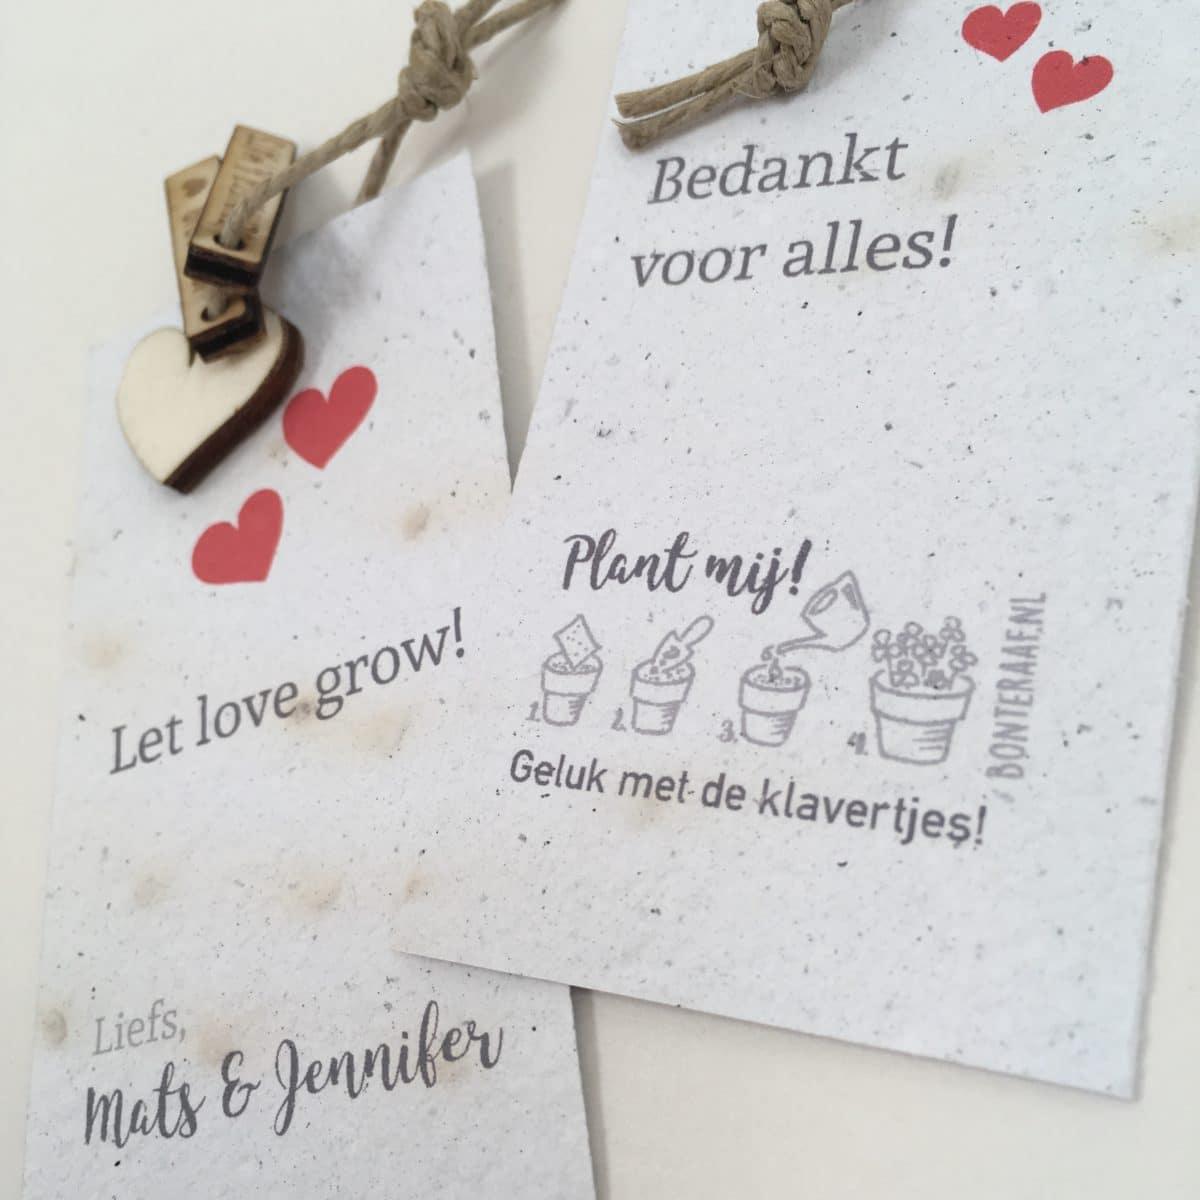 trouwbedankje huwelijksbedankje groeibedankje bedankje groeipapier